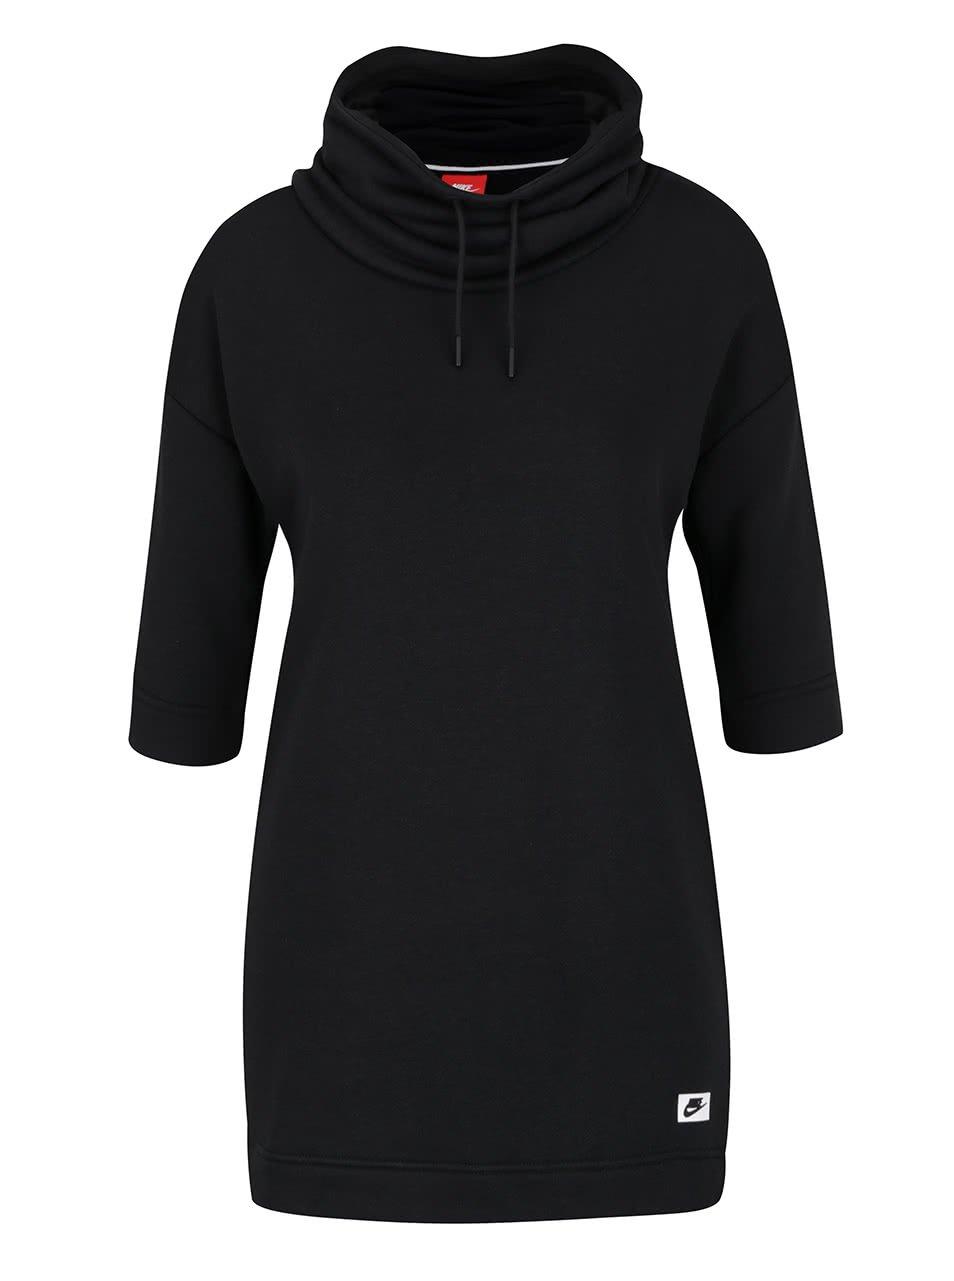 Černá dámská mikina s krátkým rukávem Nike